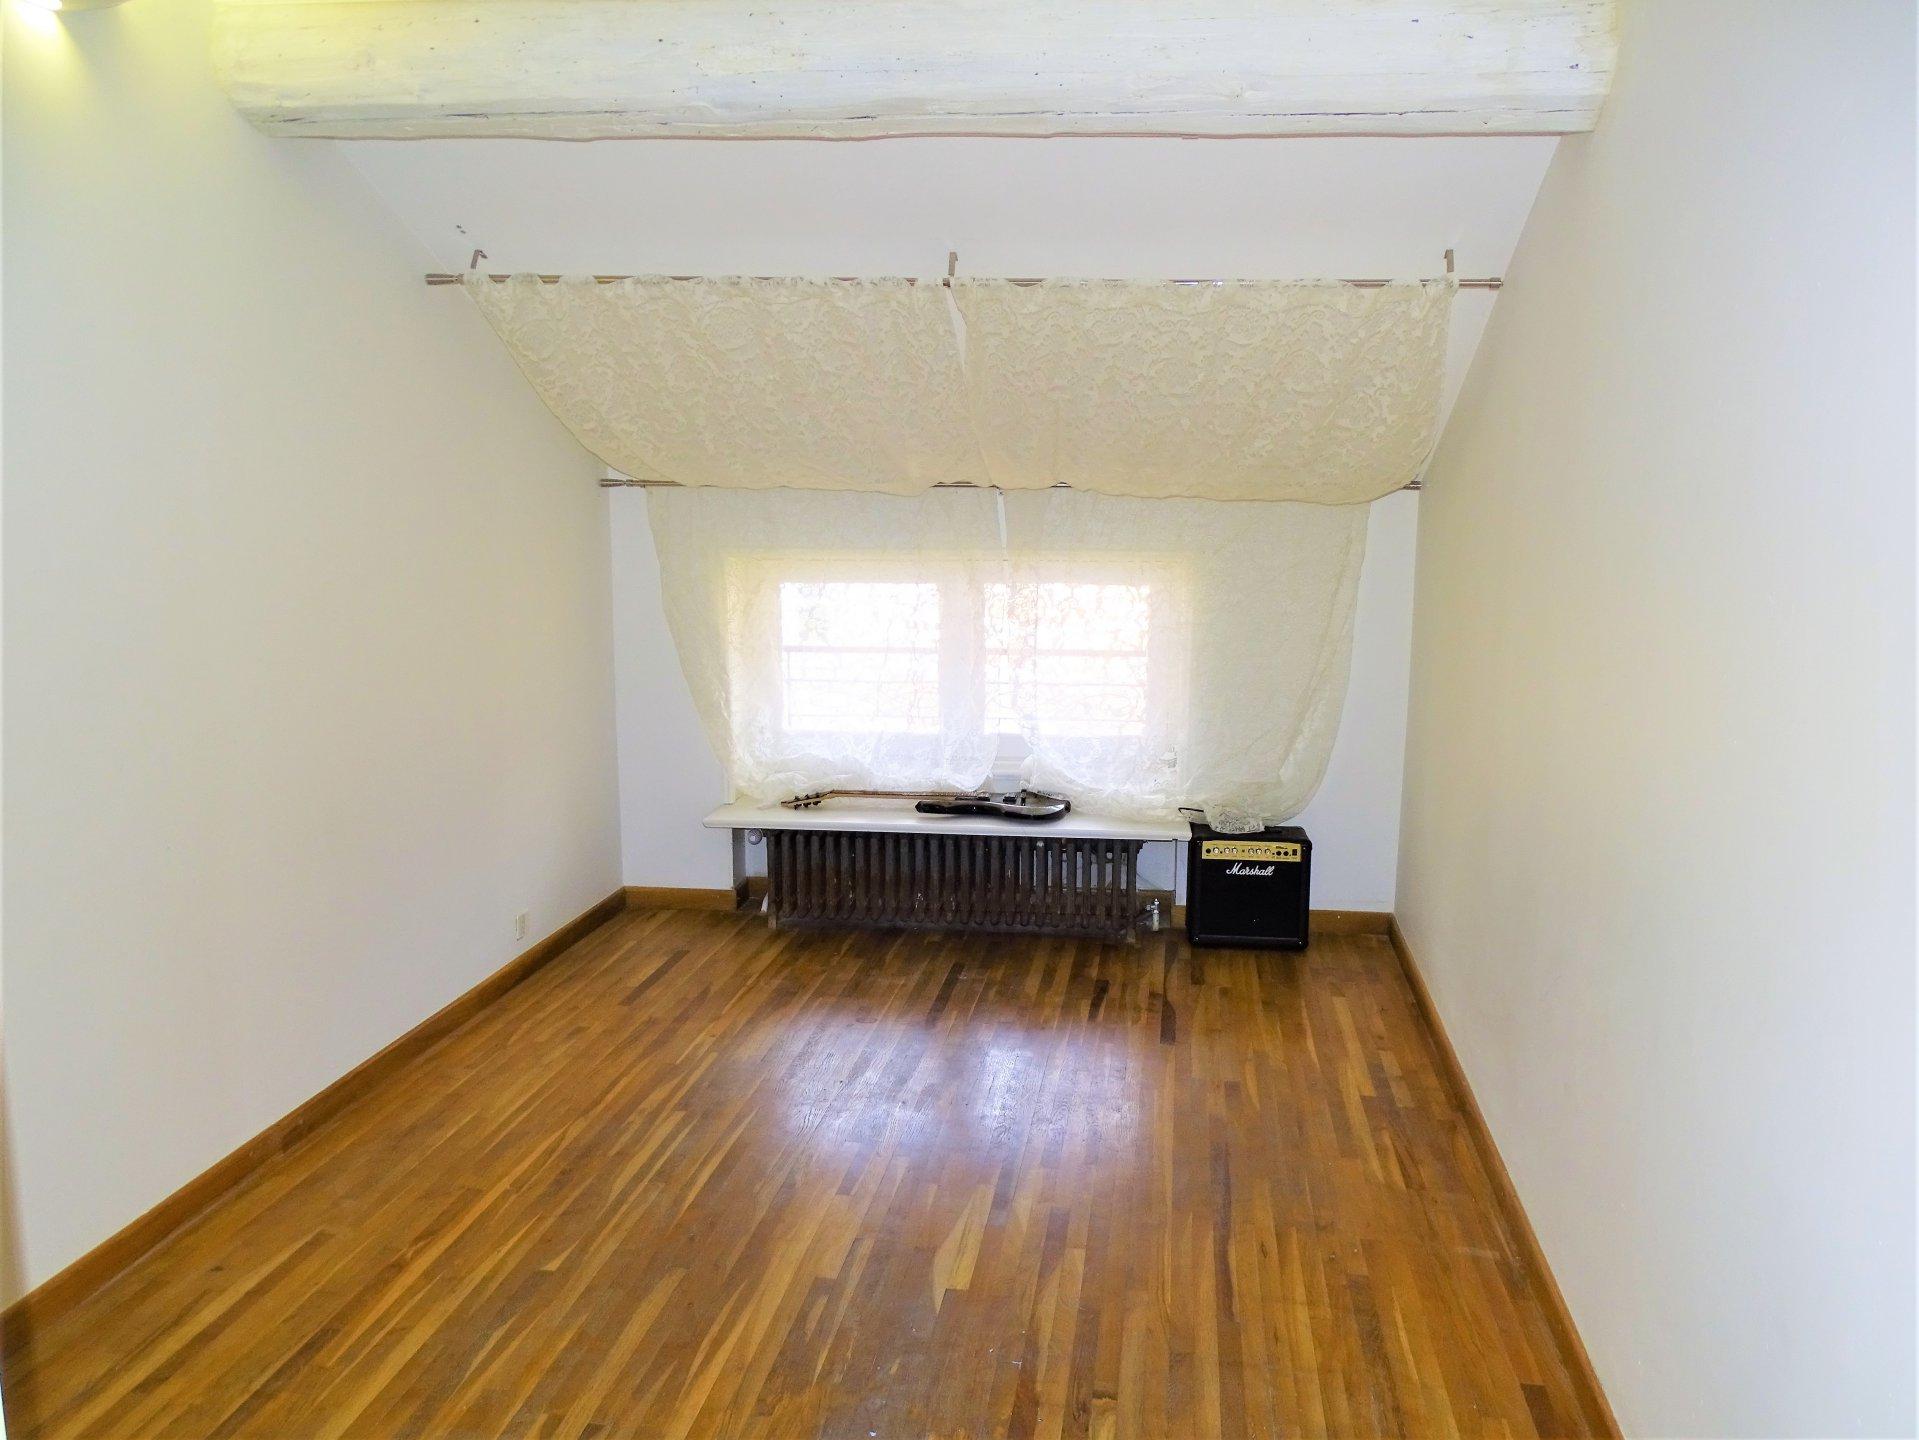 Le charme de la pierre et un calme absolu pour cette maison à 5 minutes de Mâcon. Actuellement composée de trois chambres, vous pourrez aisément en imaginer une quatrième.  Vous serez seduit par son salon chaleureux avec sa cheminée à insert, ses pierres et sa grande mezzanine. Vous pourrez aussi compter sur une belle cuisine aménagée donnant sur une grande terrasse orientée soleil couchant. Vous pourrez profiter de nombreuses dépendances, dont un garage de plus de 38 m2 sur environ 6 mètres de hauteurs et deux ateliers. Le tout complété par un jardin de 357 m2. Honoraires à la charge des vendeurs.